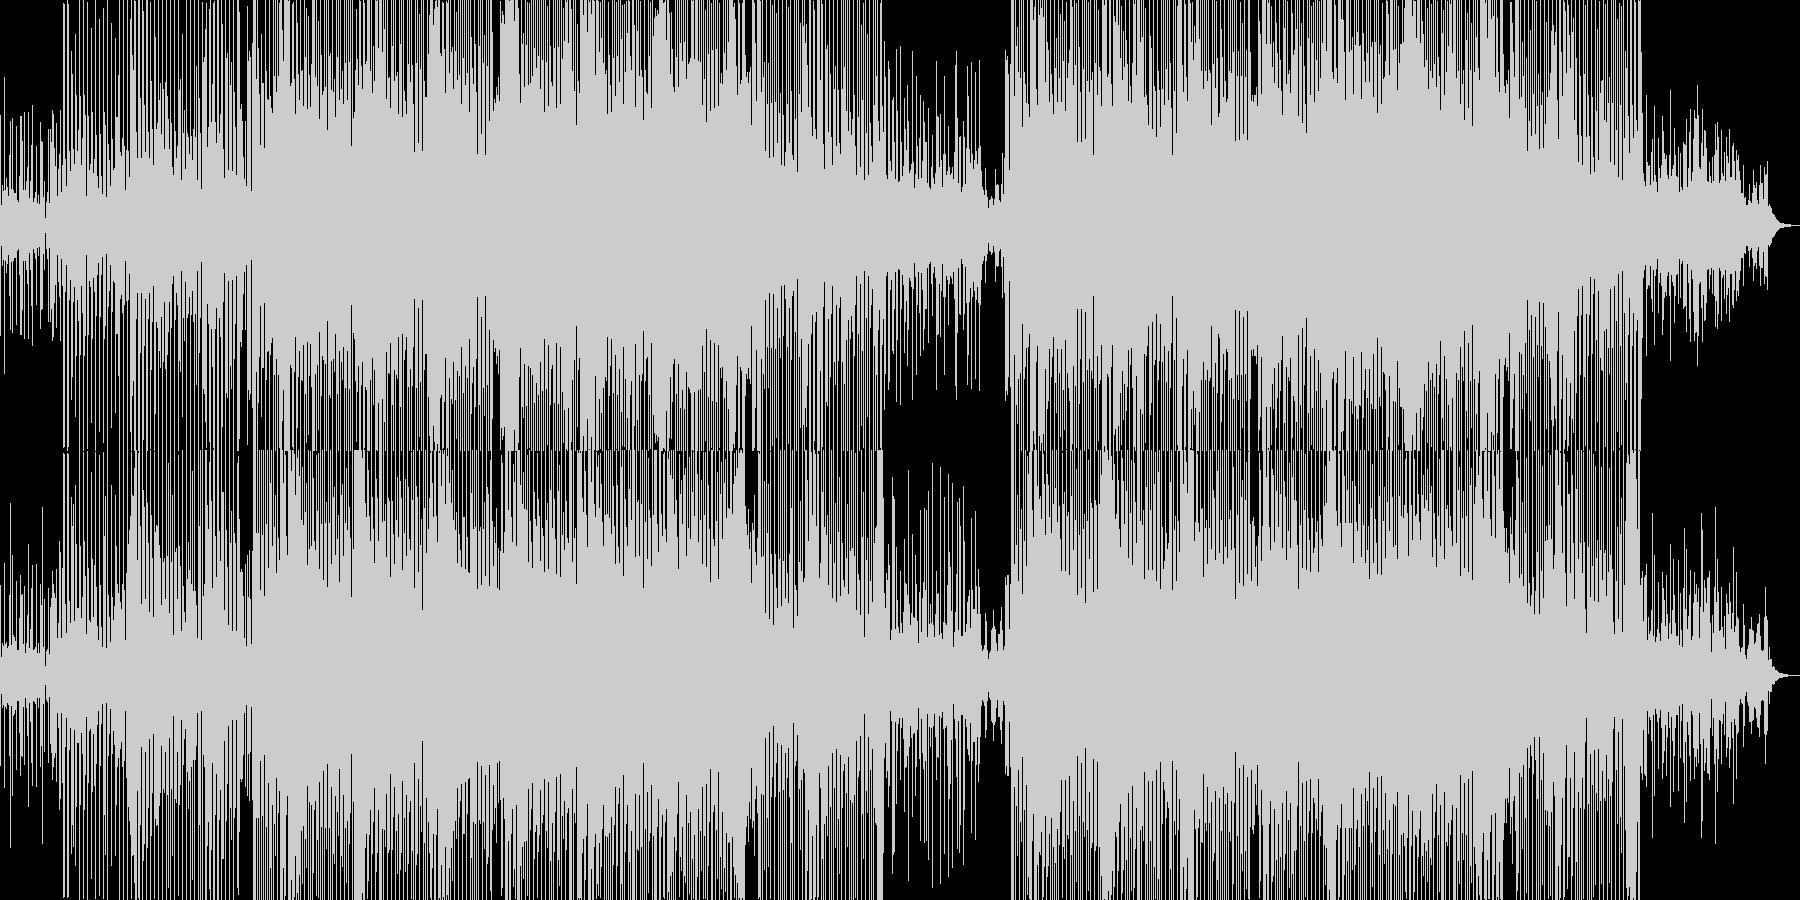 ラテンっぽいポップなシンセミュージックの未再生の波形